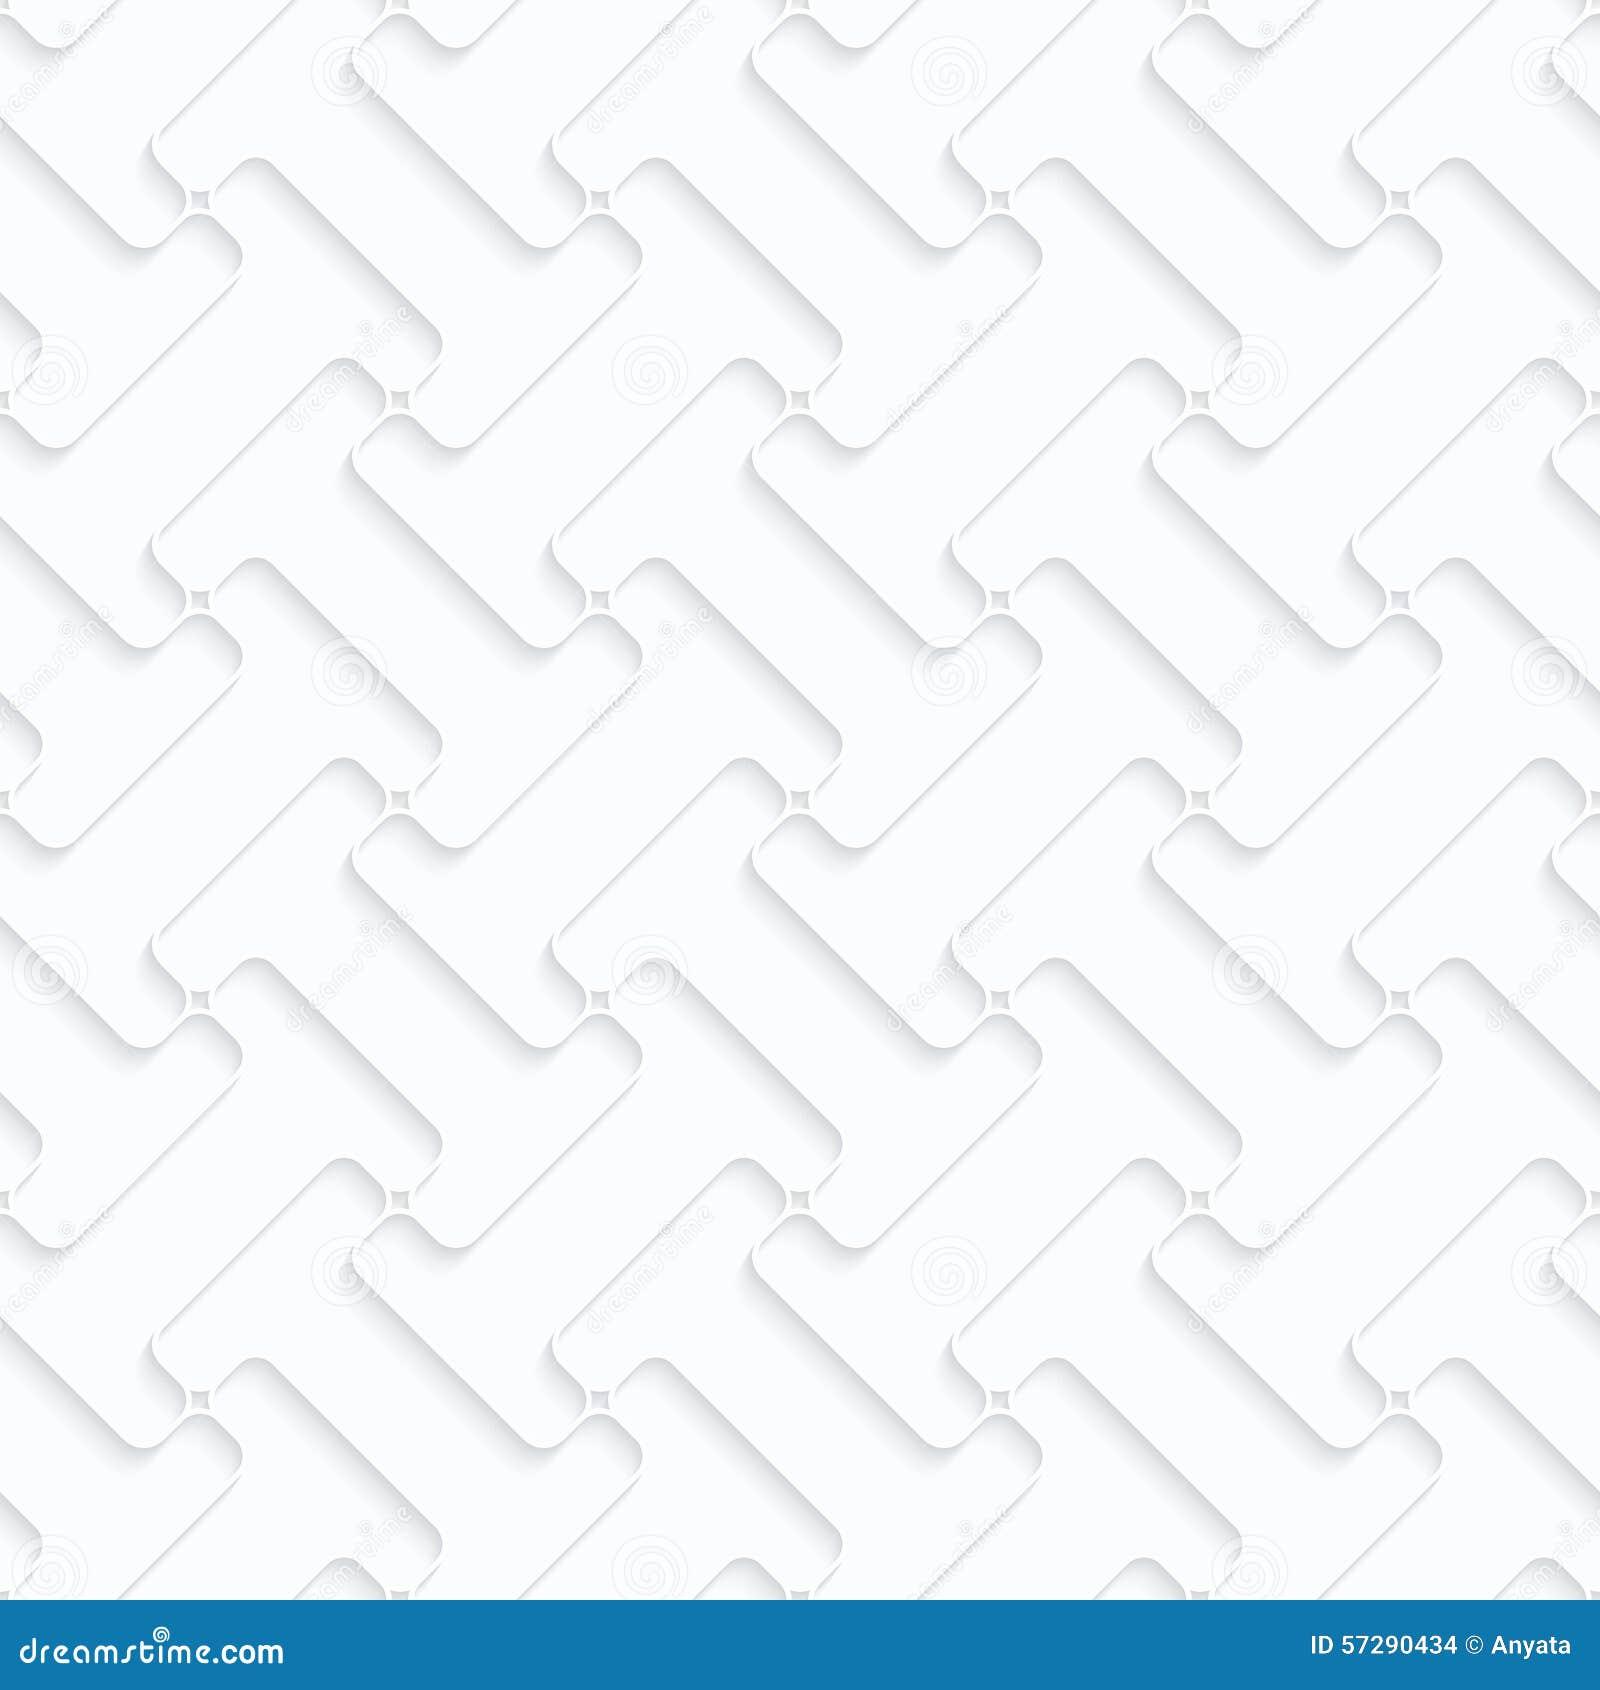 Quilling Paper Double T Shapes Grid Illustration 57290434 Megapixl